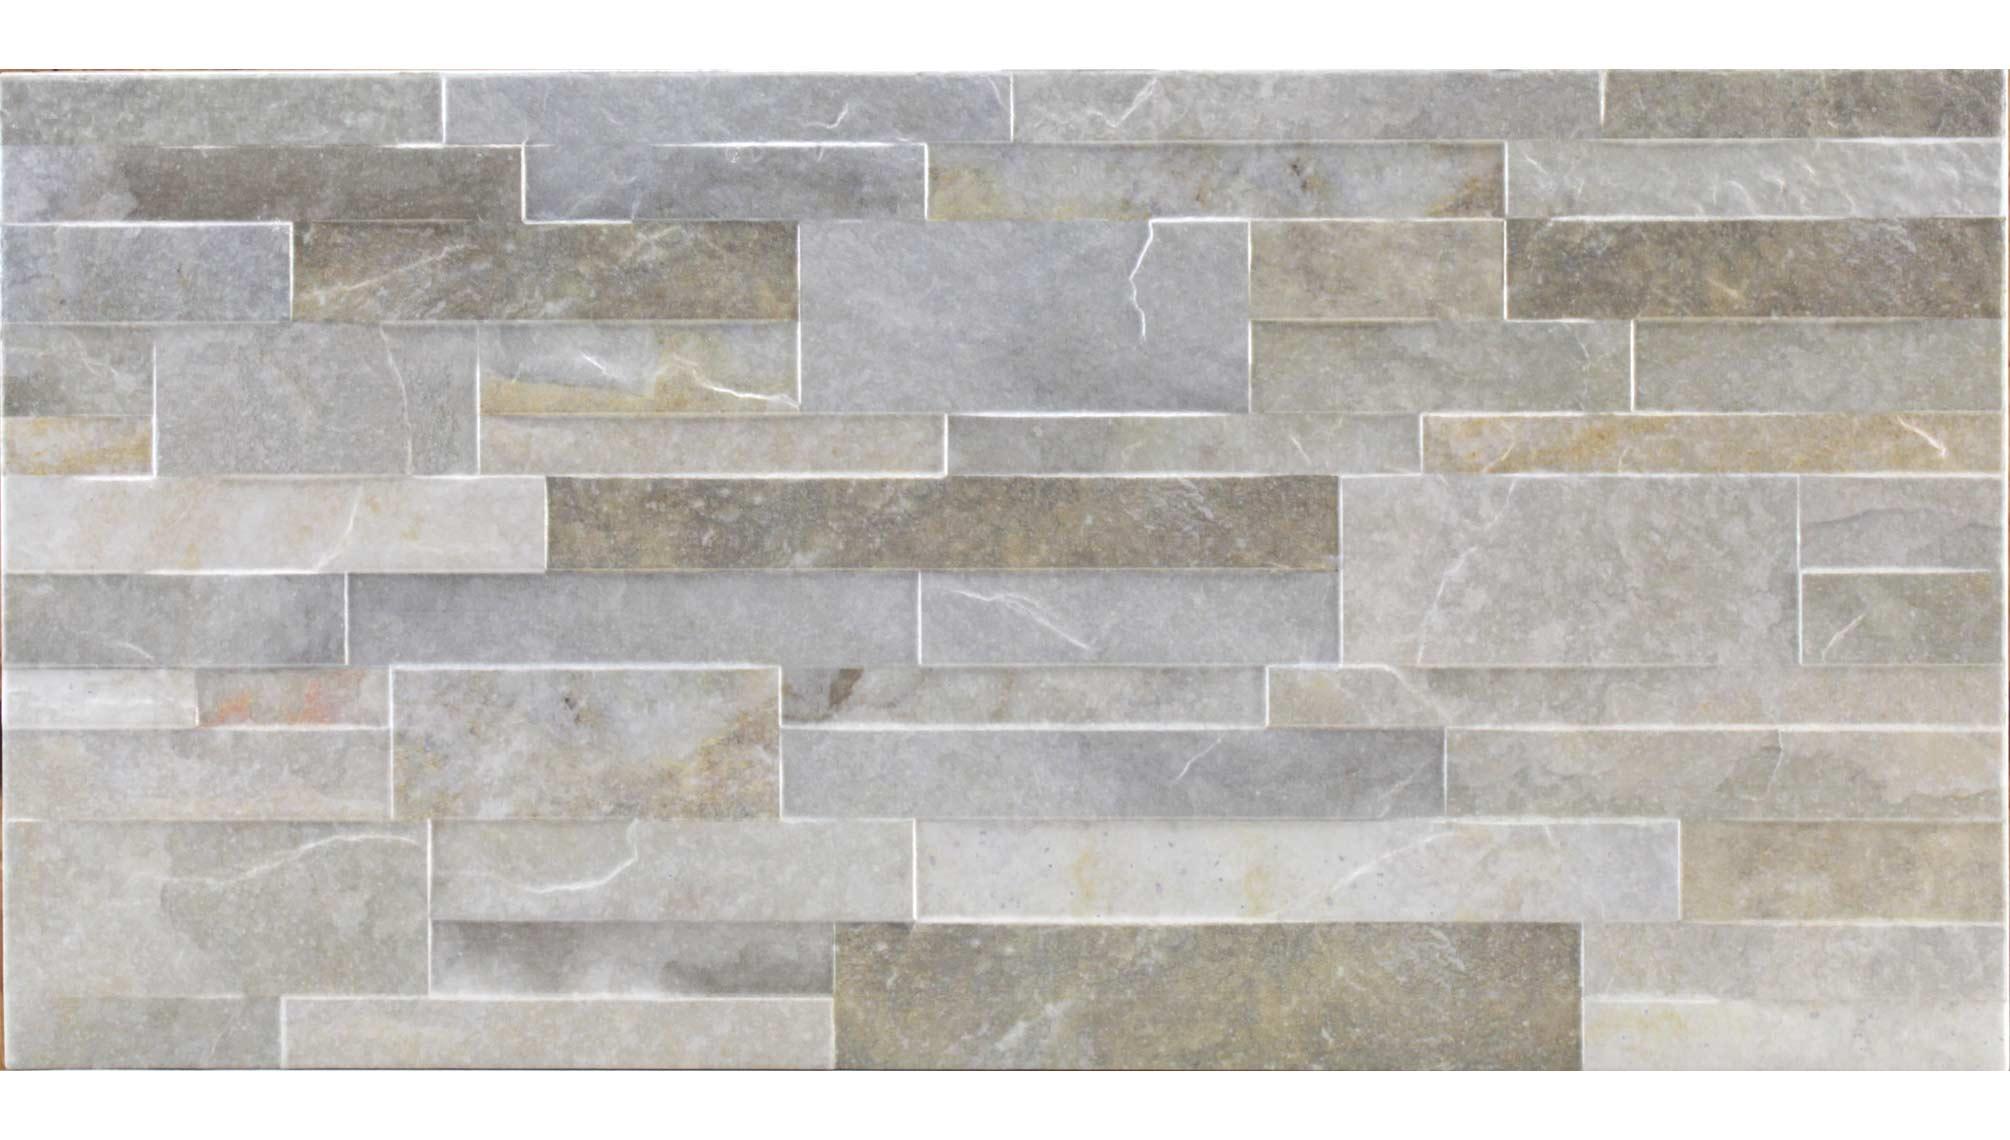 granito grigio 31x62 fliesen dado. Black Bedroom Furniture Sets. Home Design Ideas